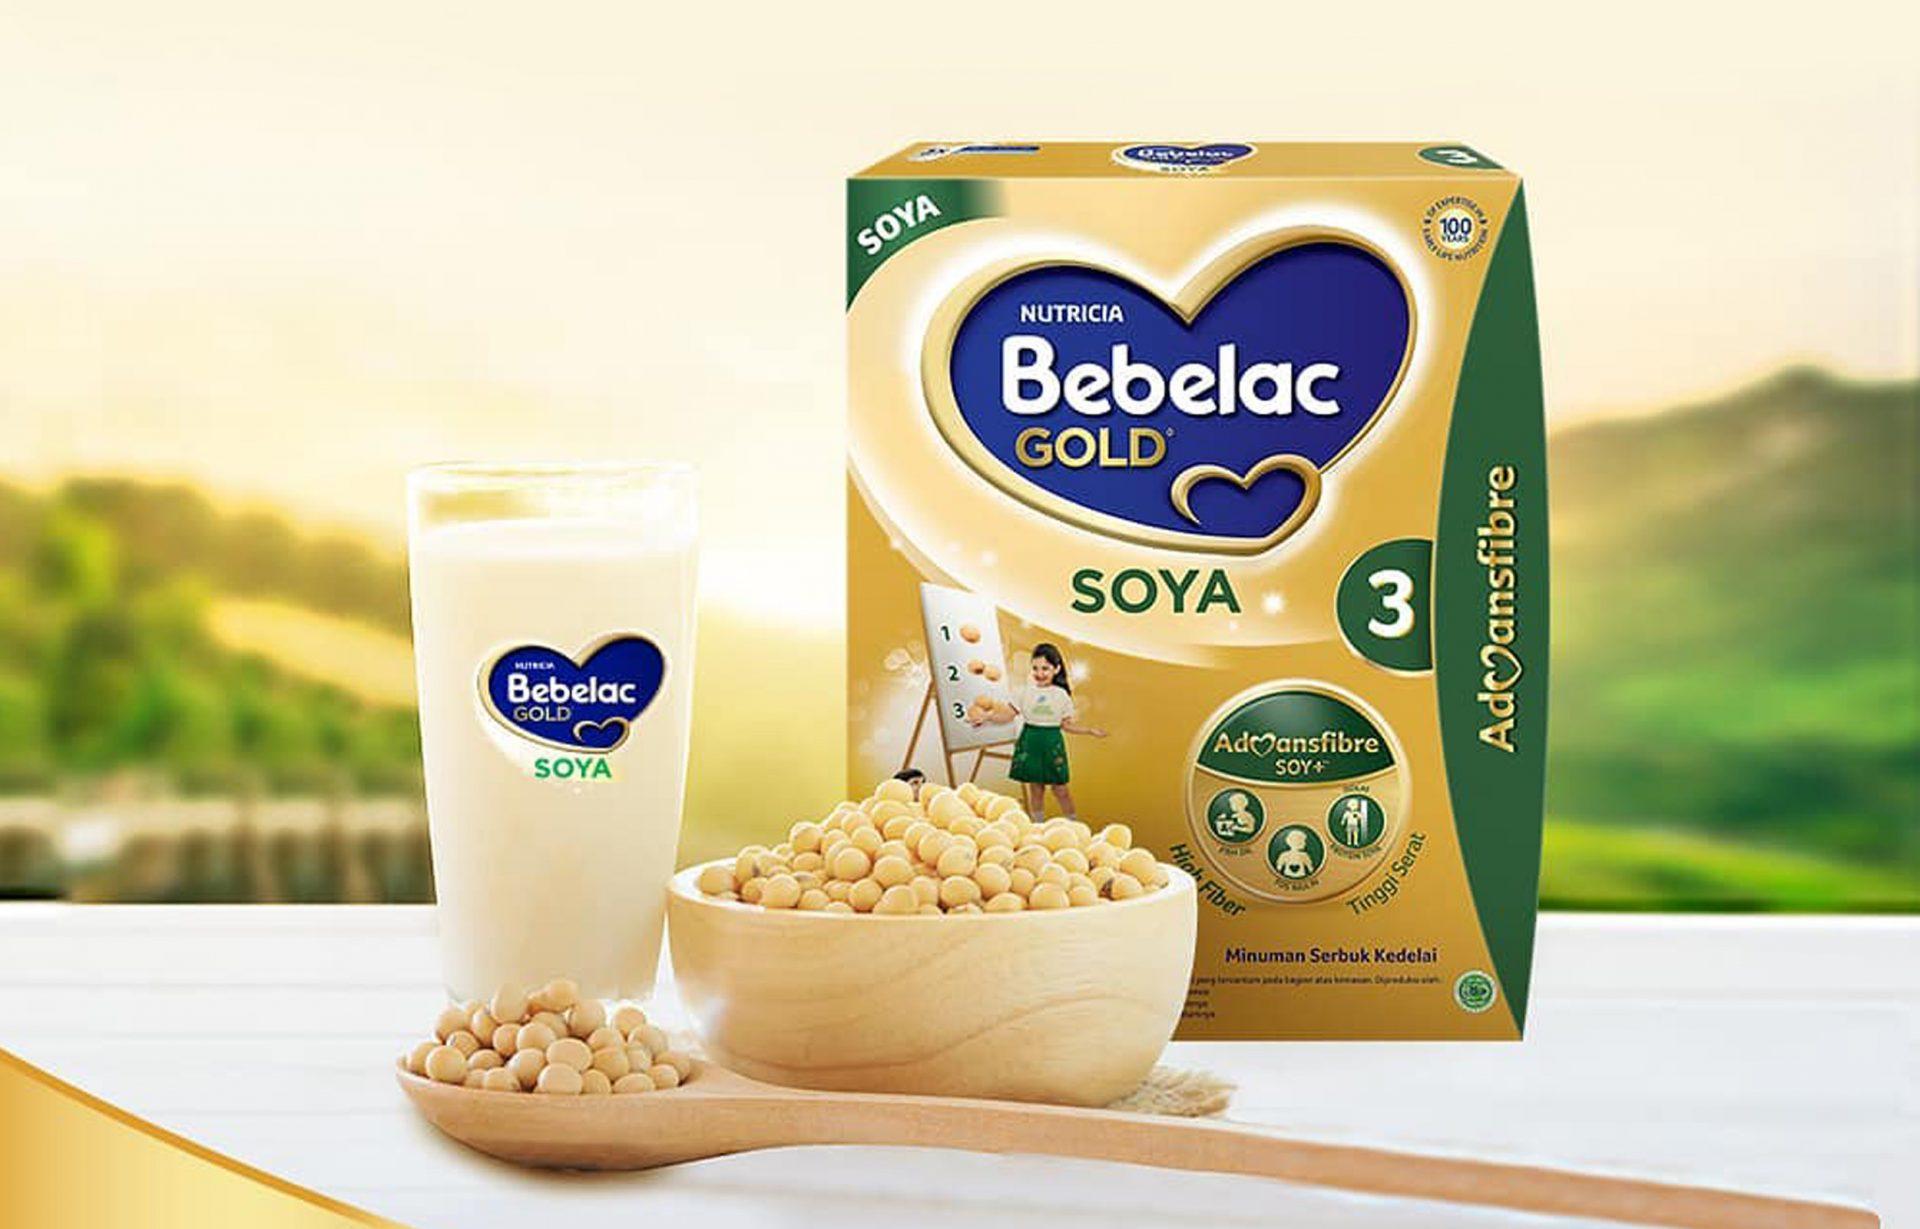 Bebelac Gold Soya